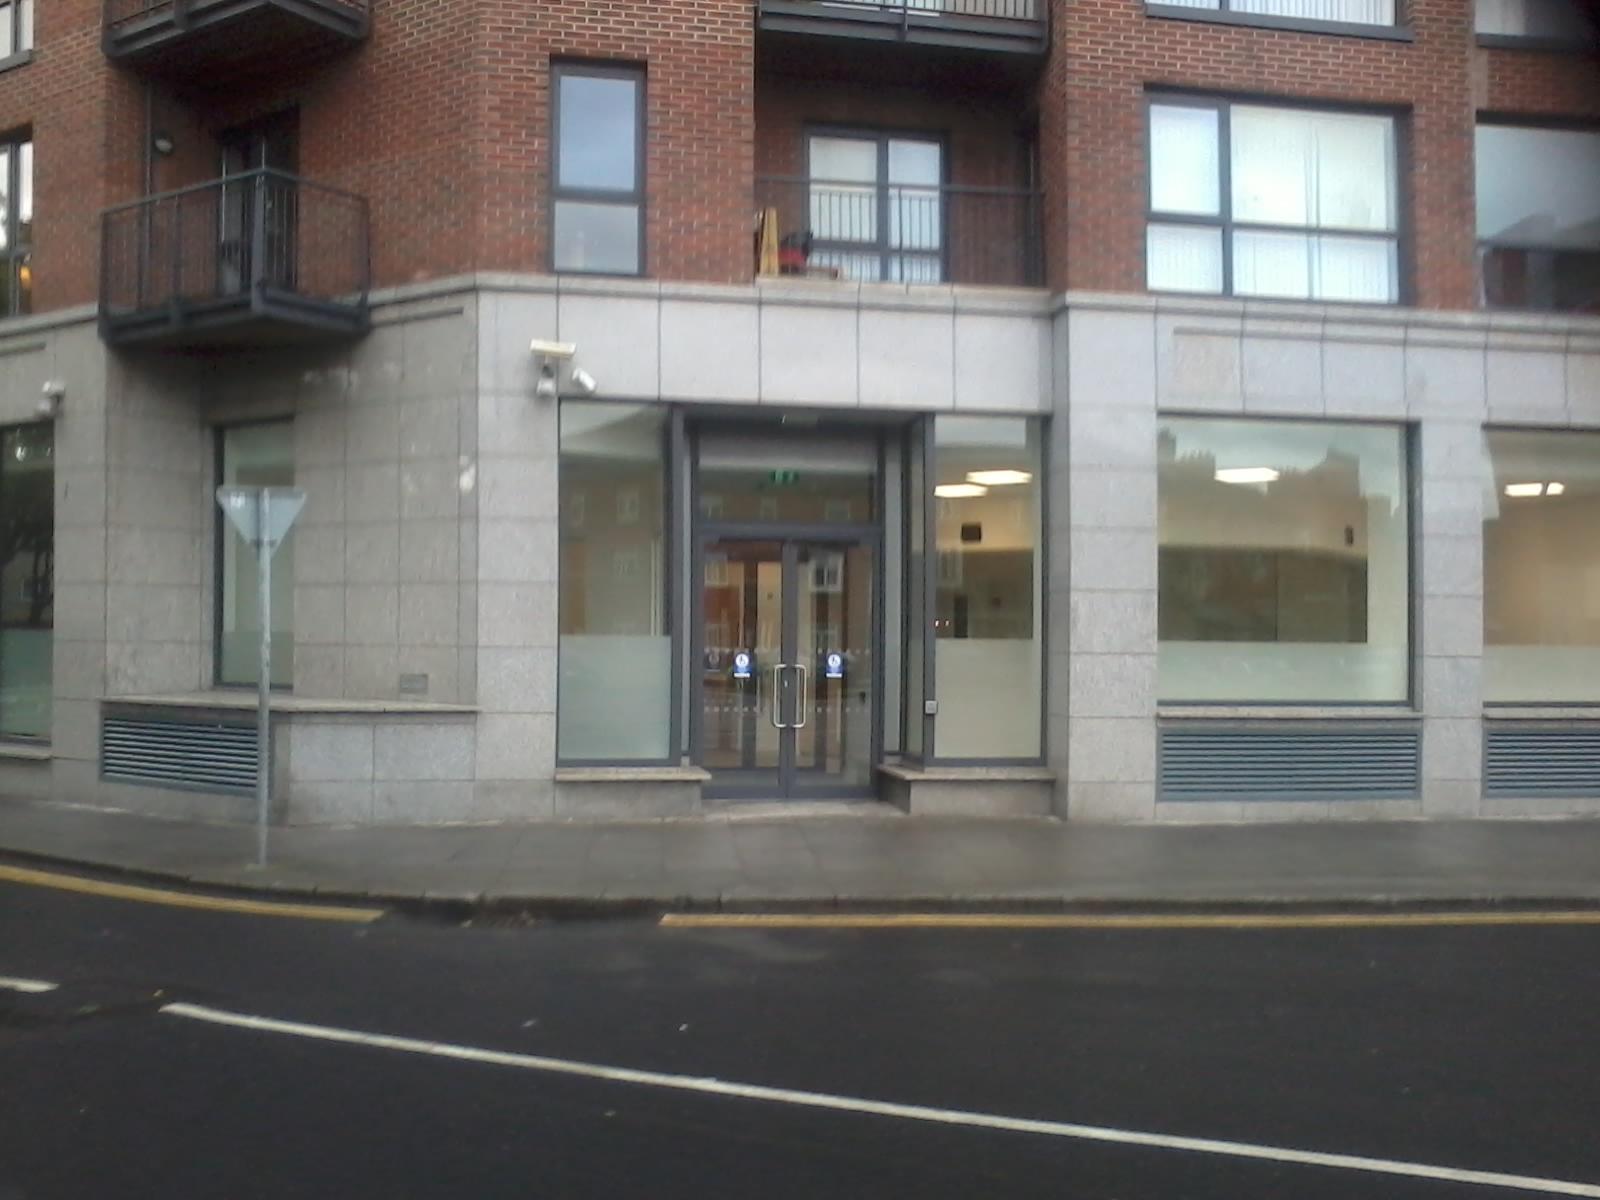 Public Office Entrance